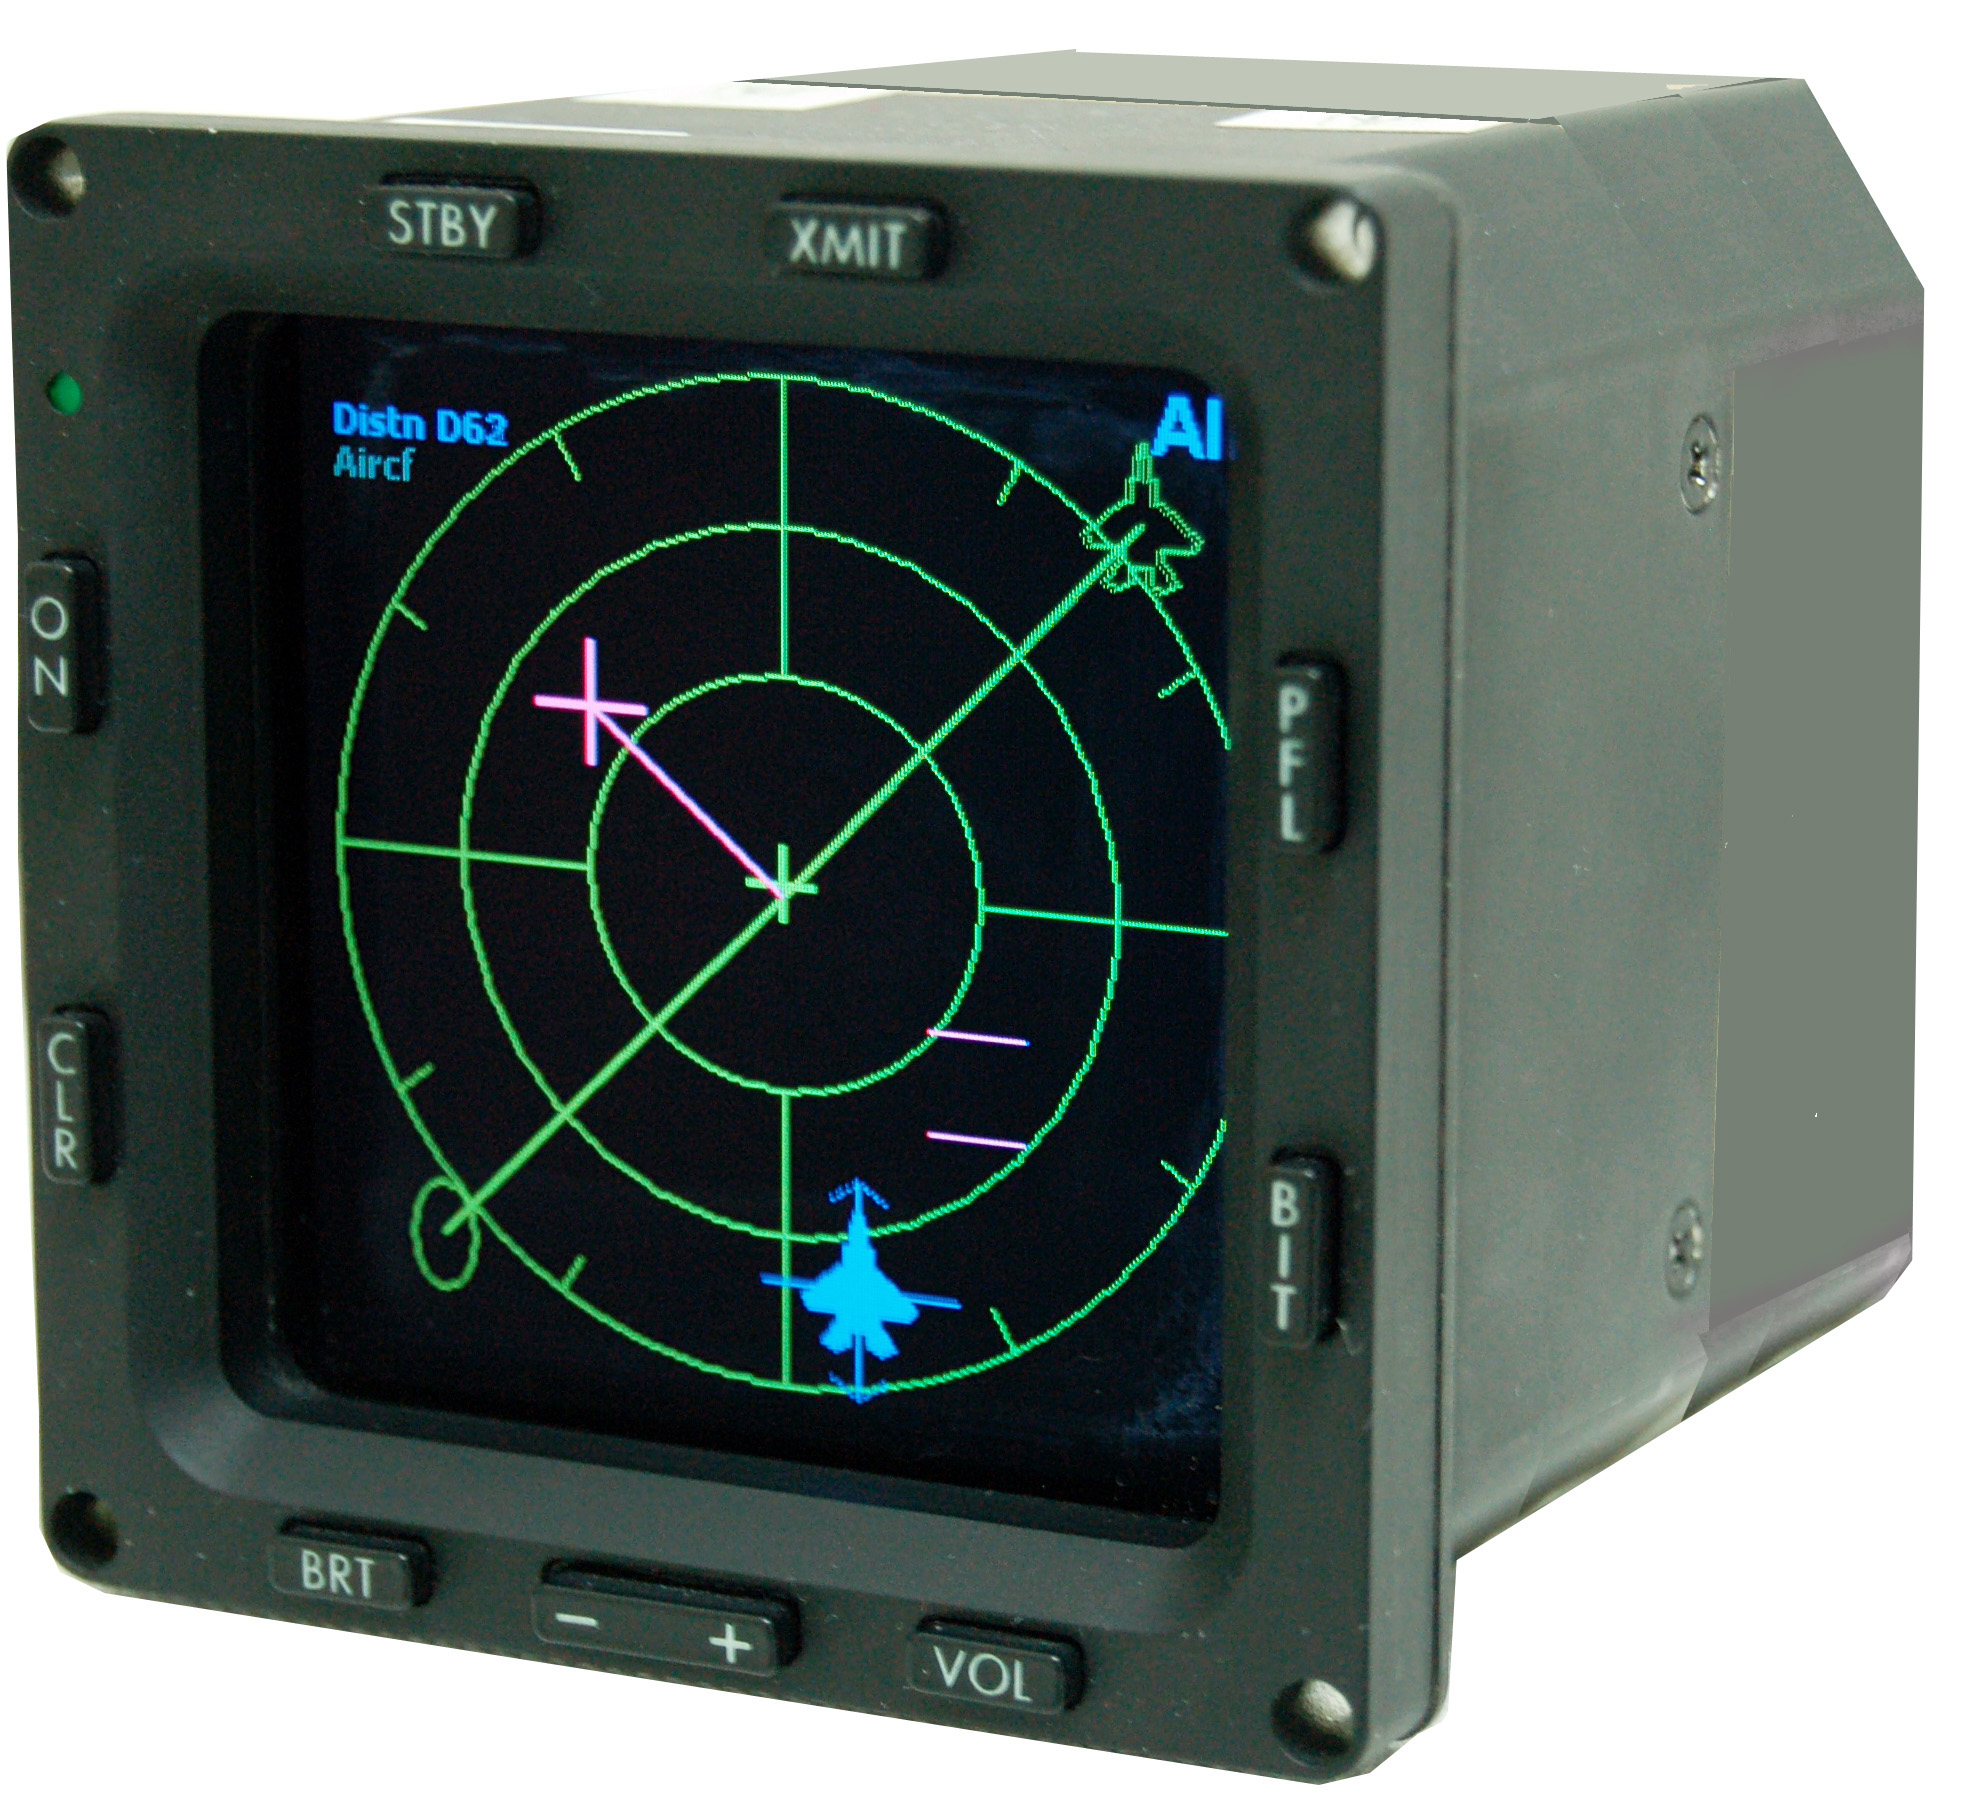 Um detector de radar utilizado em aviões de combate